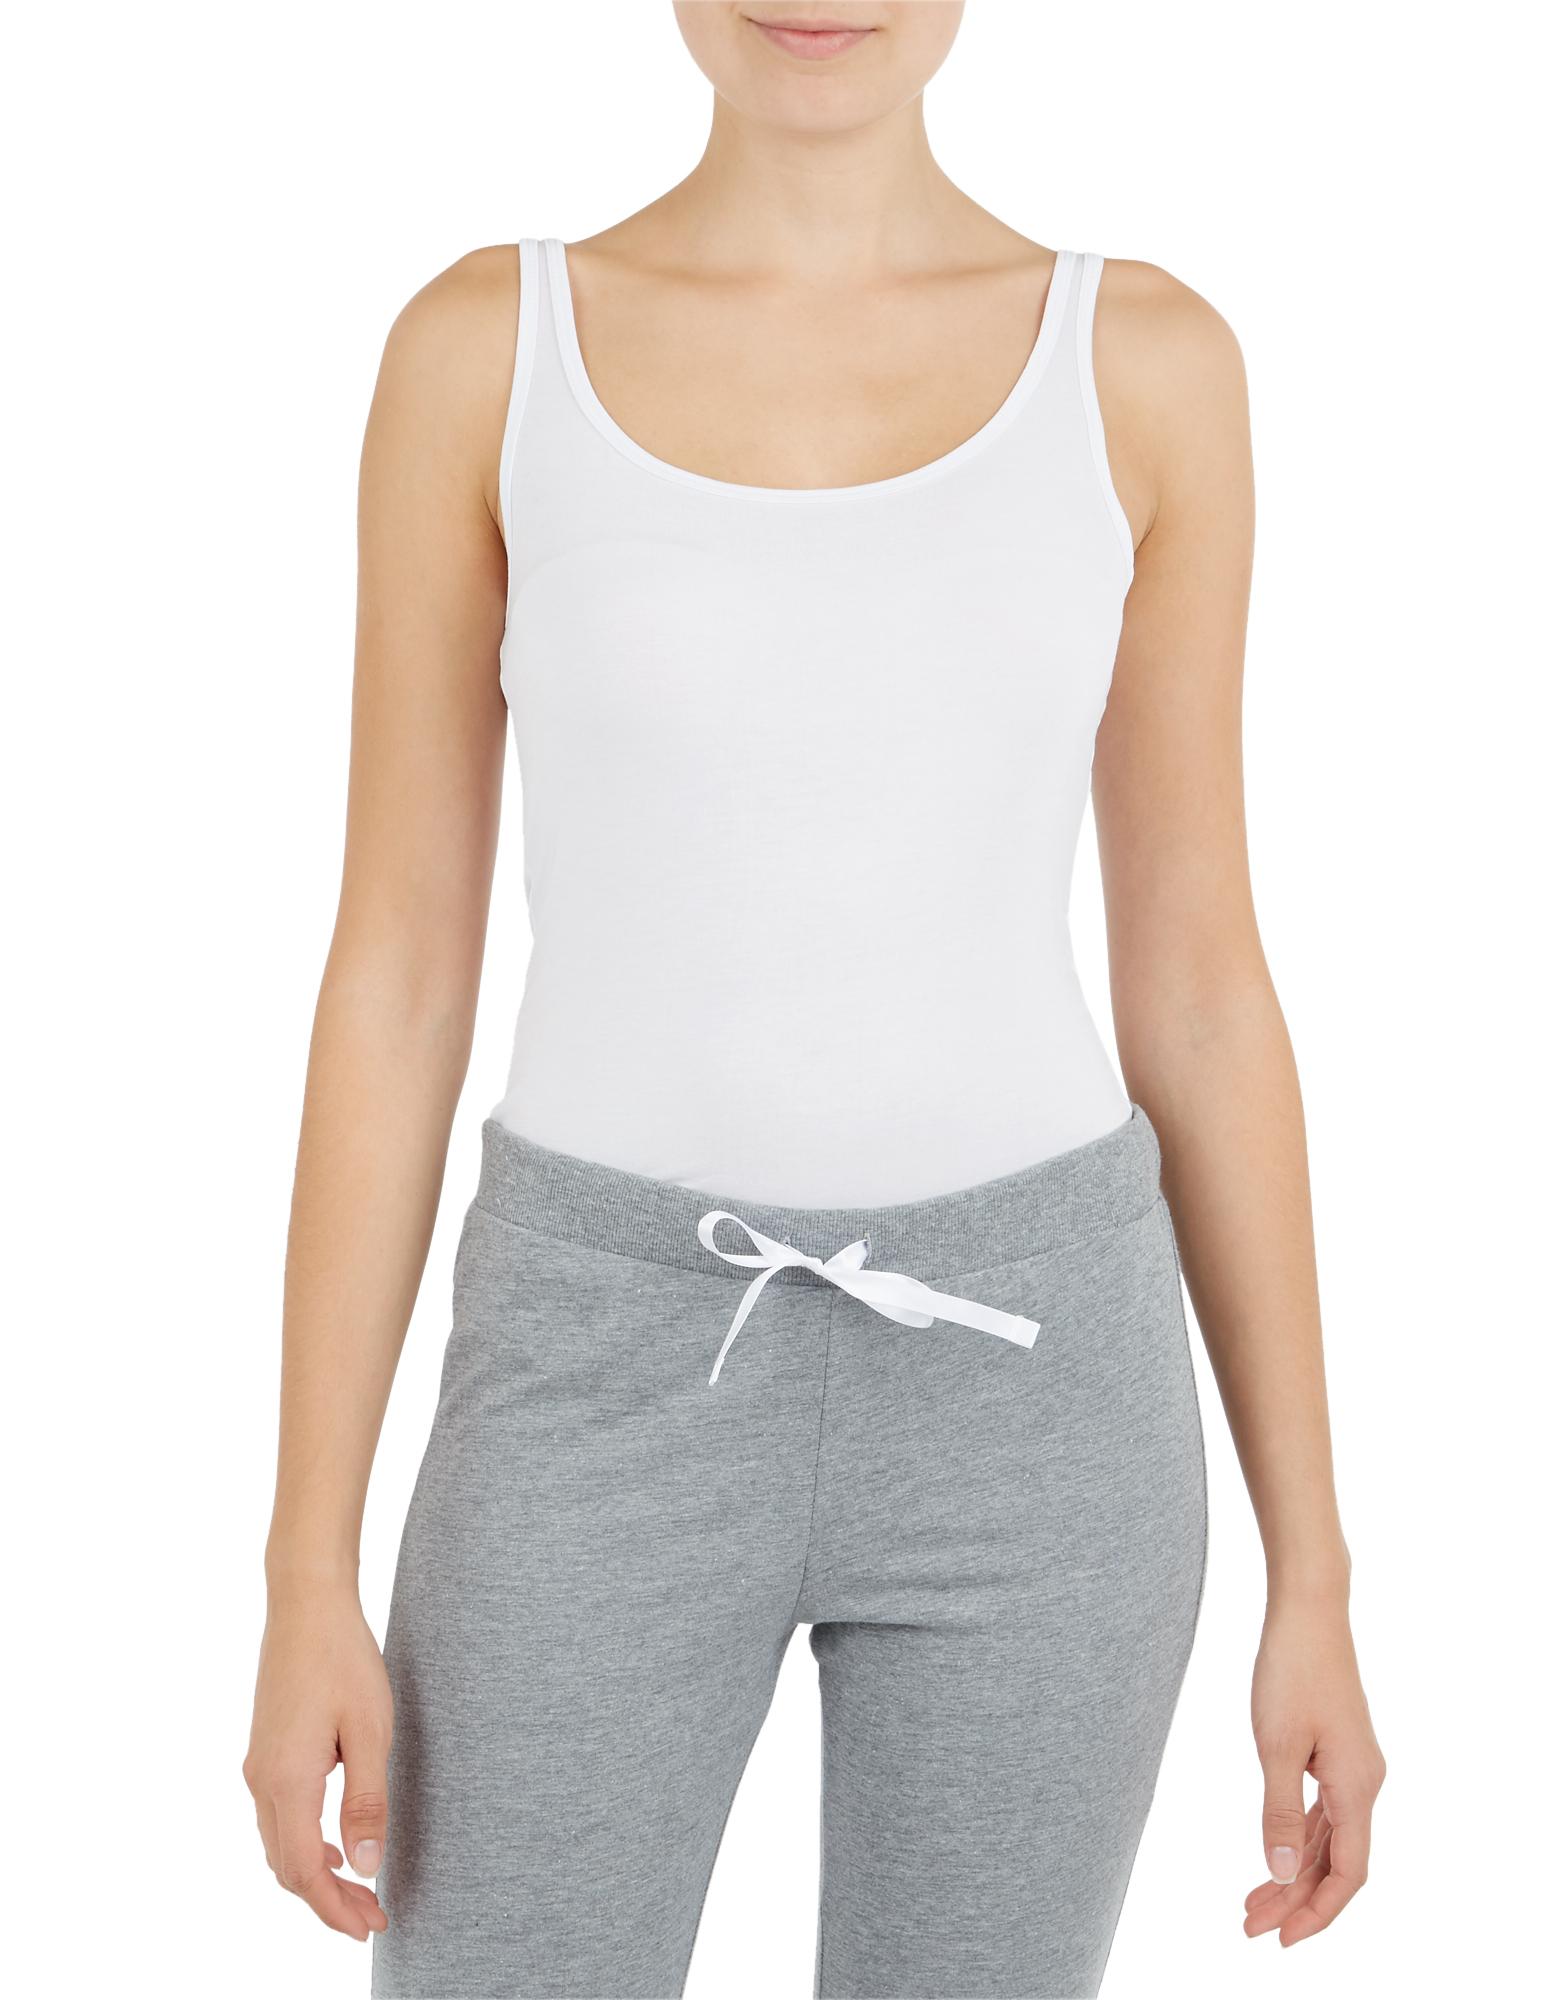 Damen Unterhemd mit schmalen Trägern    81536641000208